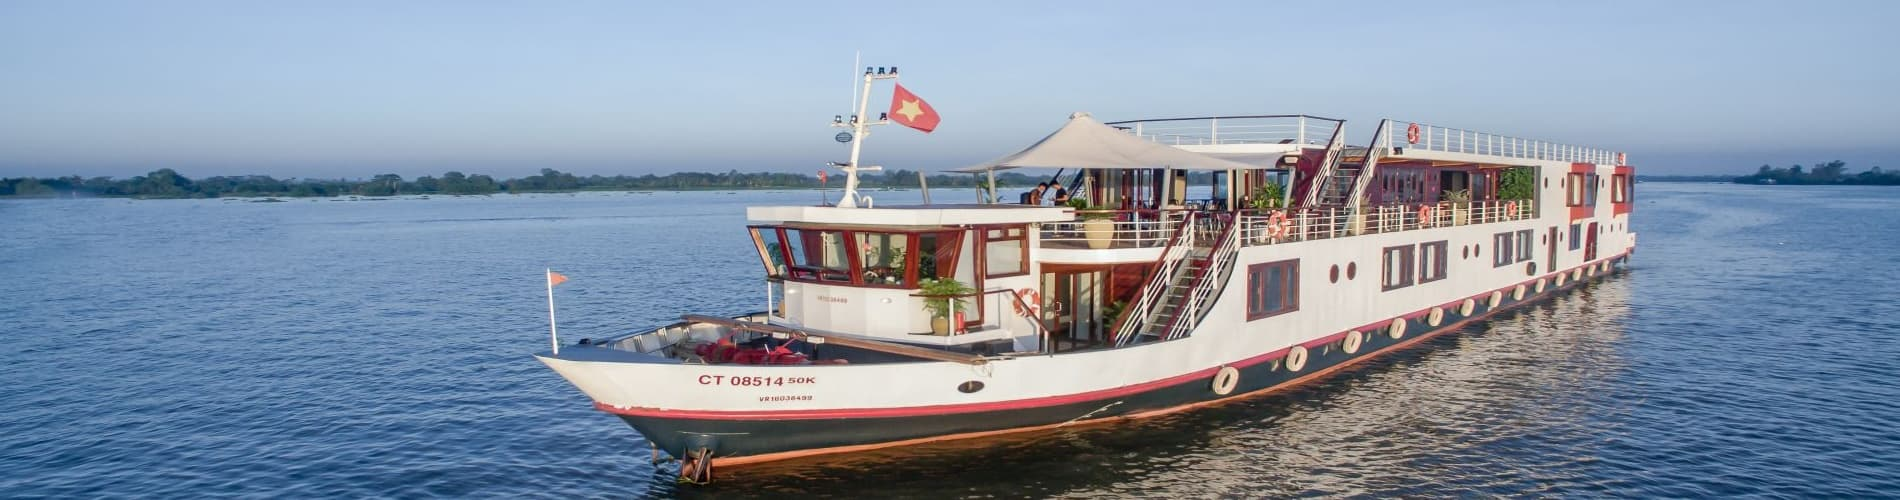 Fr-Mekong Eyes Cruise